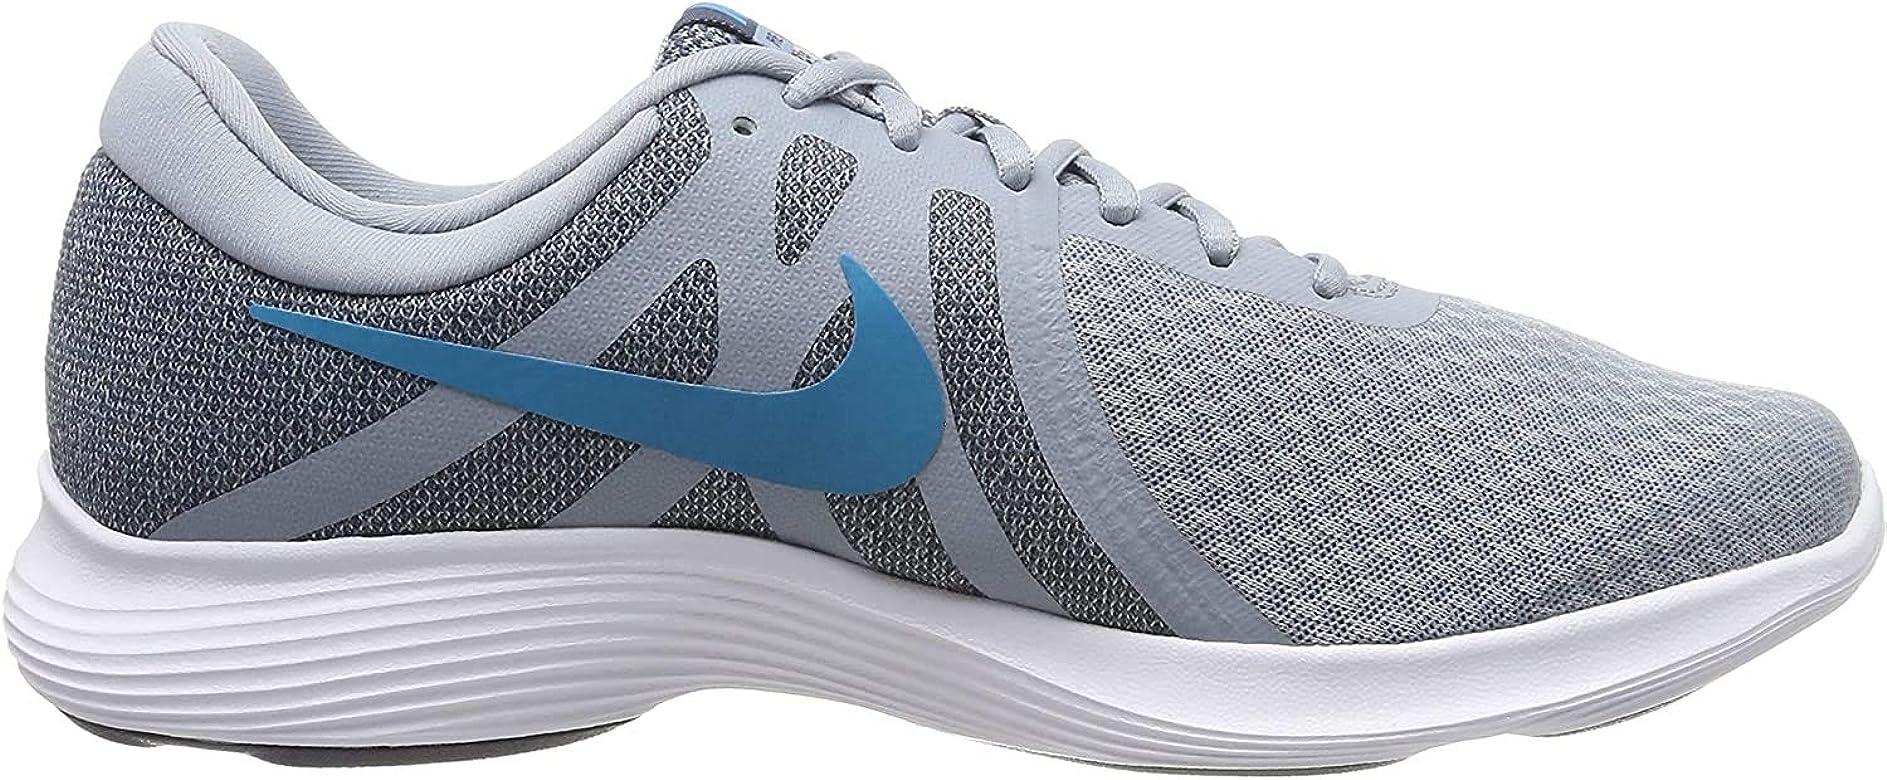 Nike Revolution 4, Zapatillas de Atletismo para Hombre, Multicolor ...